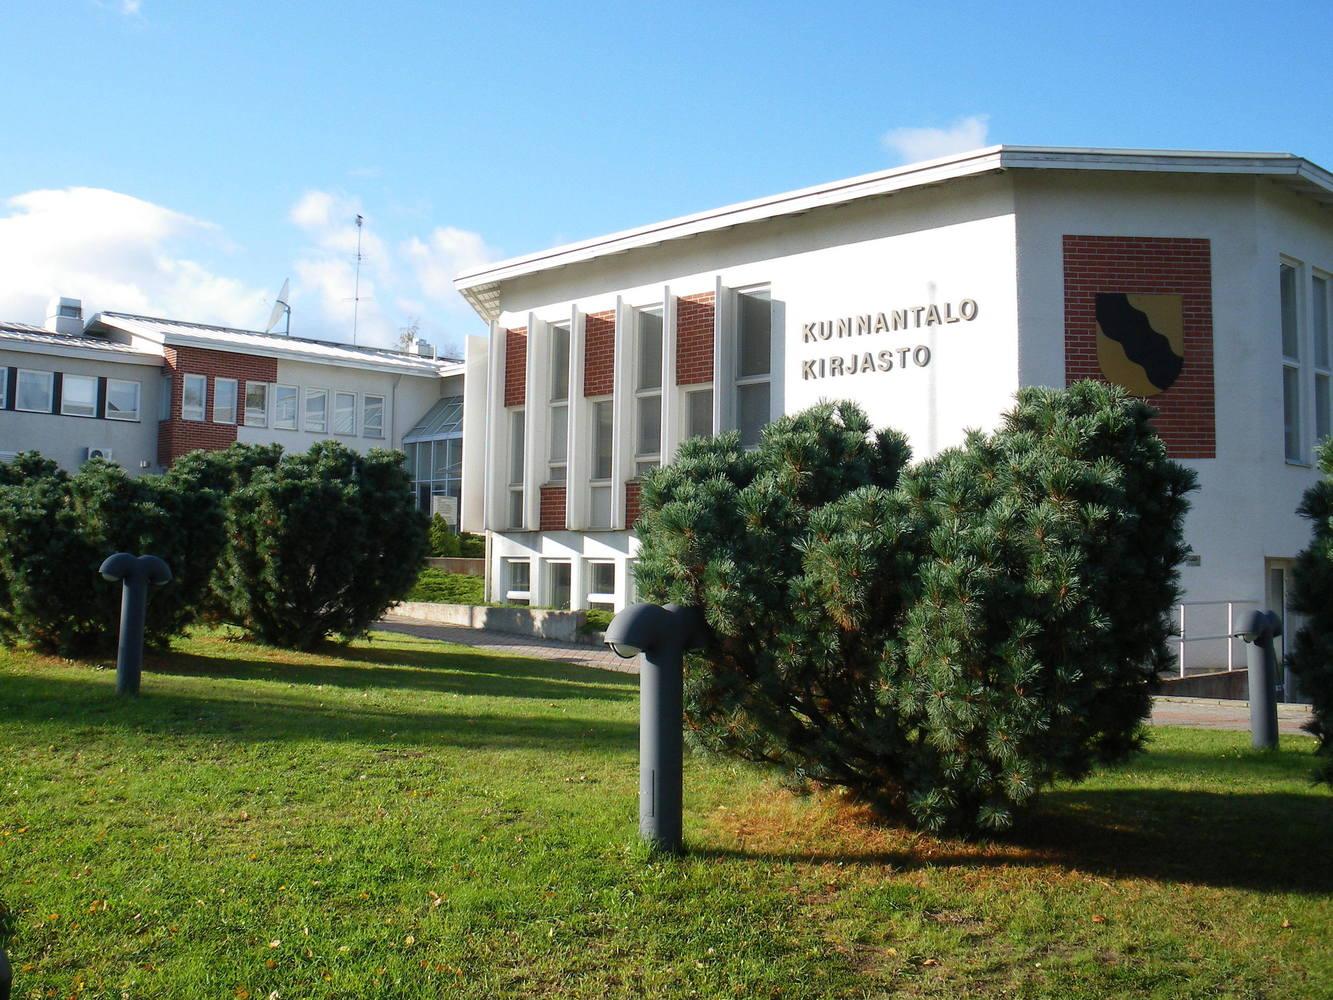 Rantasalmen kirjasto - Toenperän kirjasto